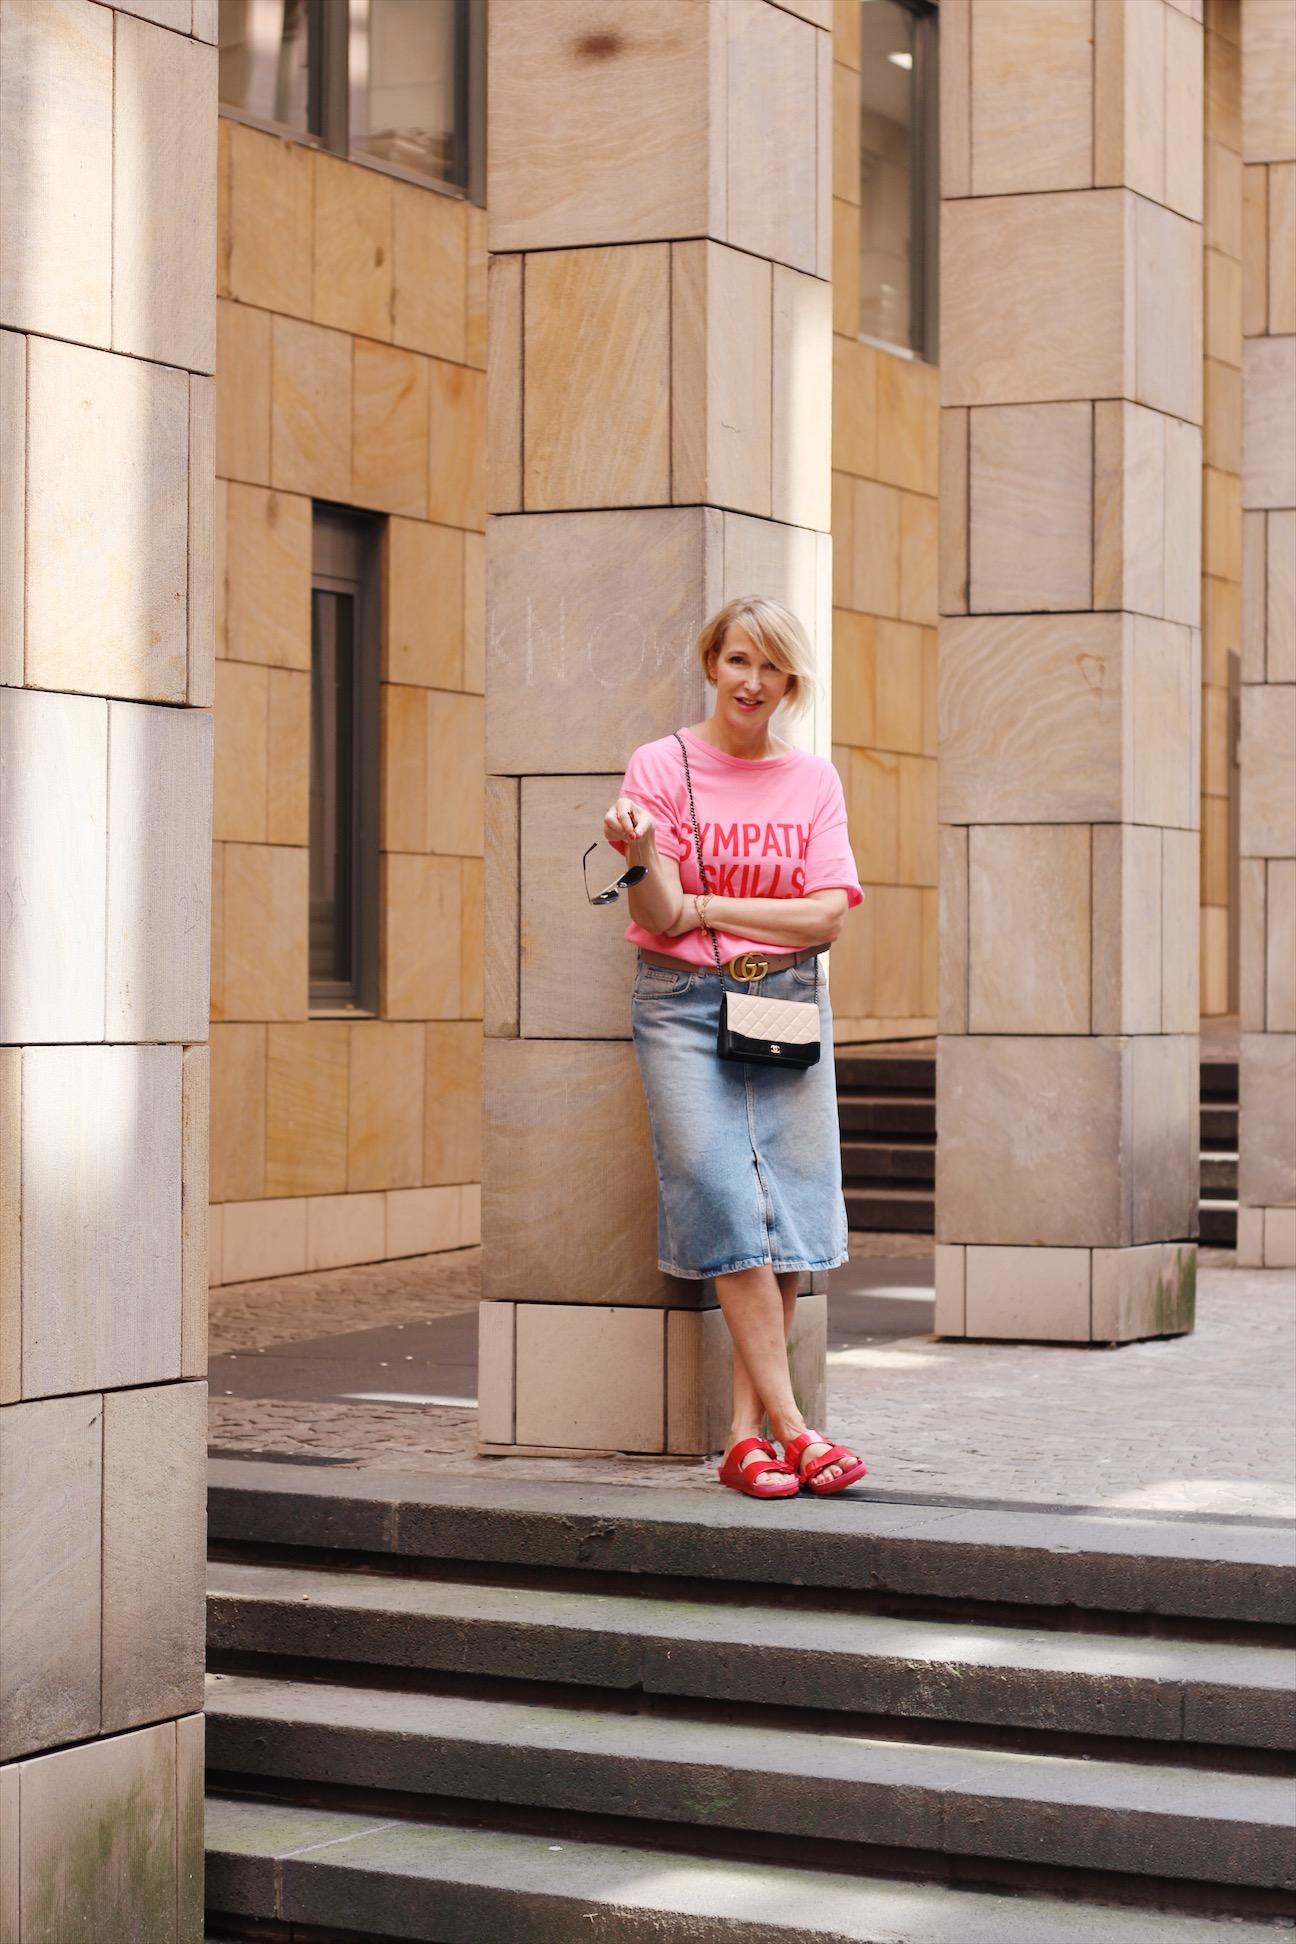 Auf Birkis die Frankfurter Altstadt erkunden